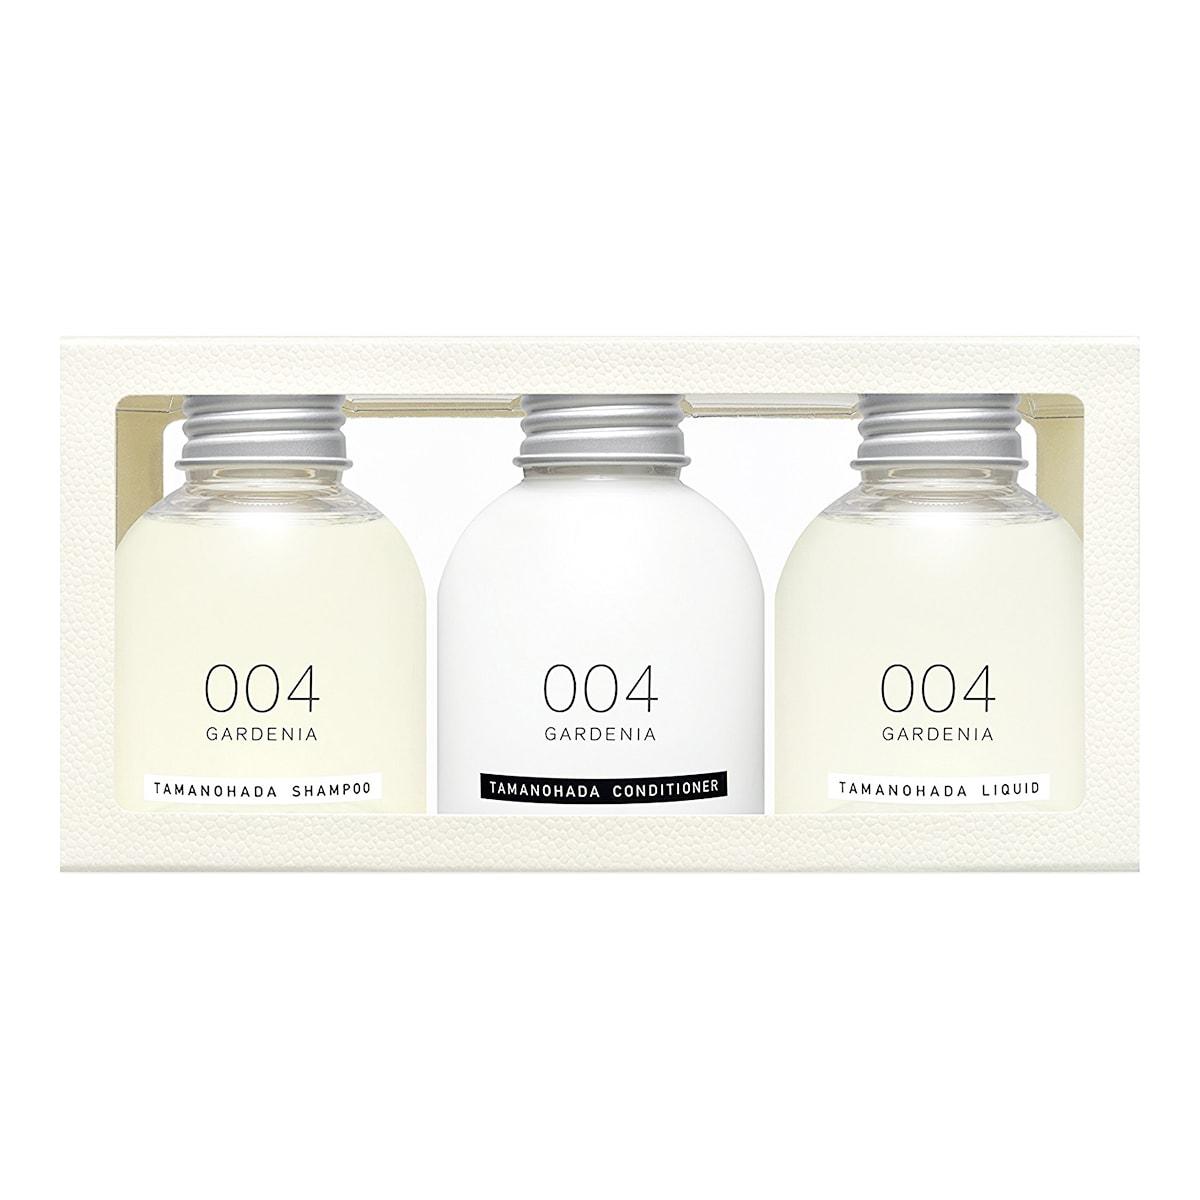 日本TAMANOHADA玉肌 旅行套装 洗发水+护发素+沐浴乳 #004栀子花香 80ml*3